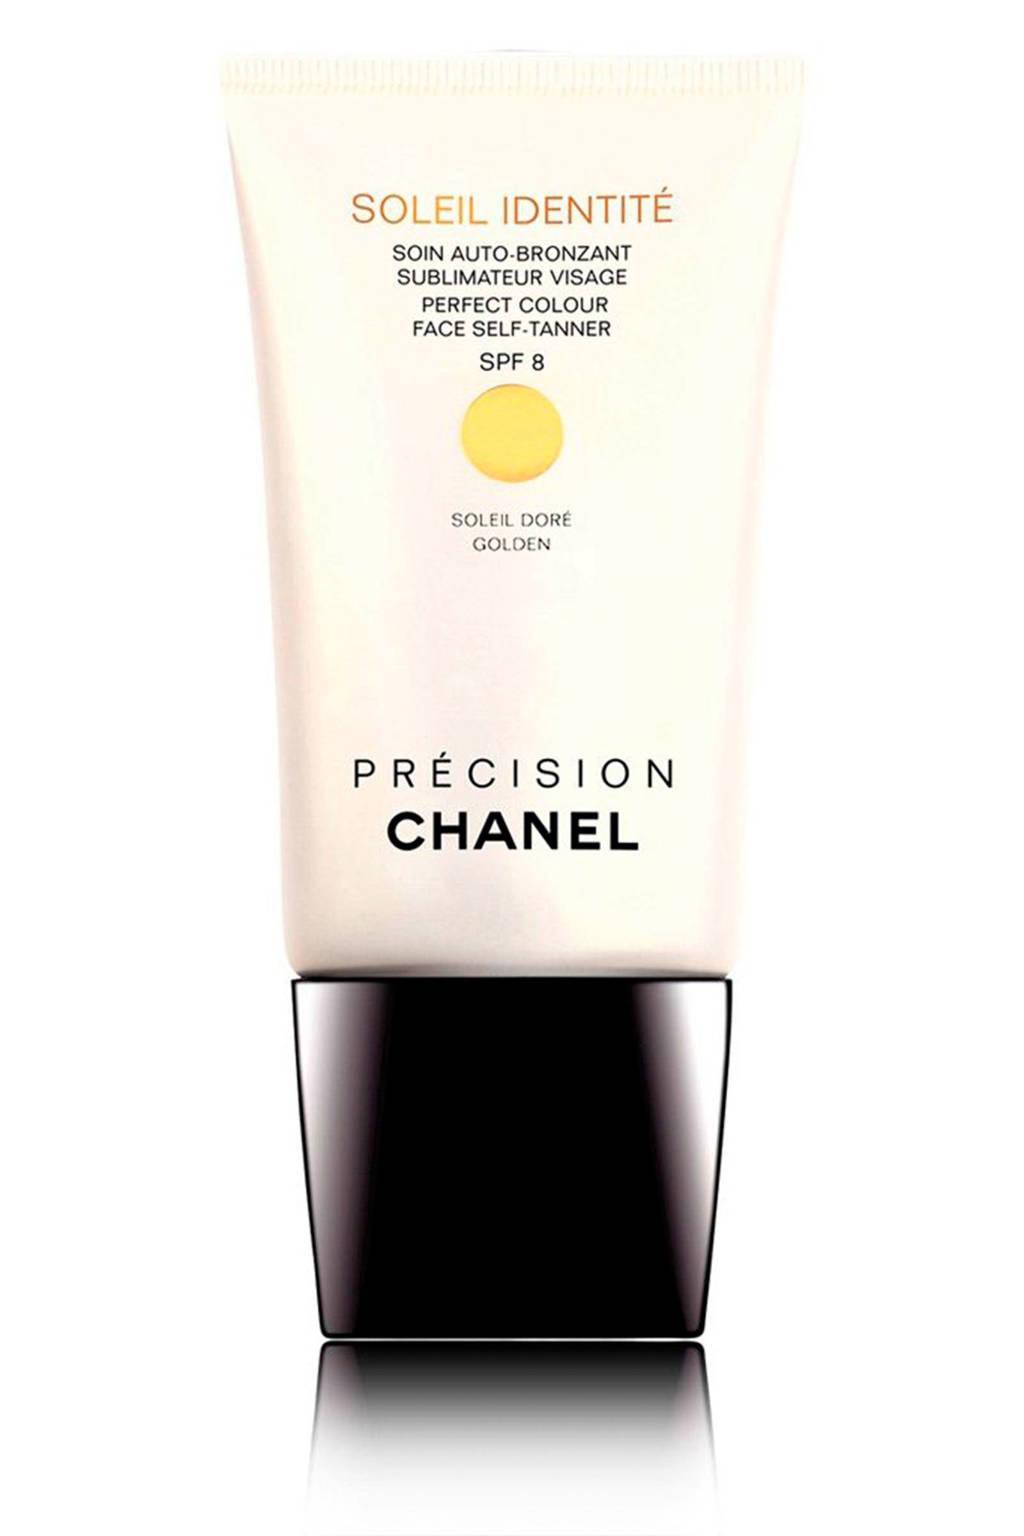 Chanel Soleil Identité Visage Golden